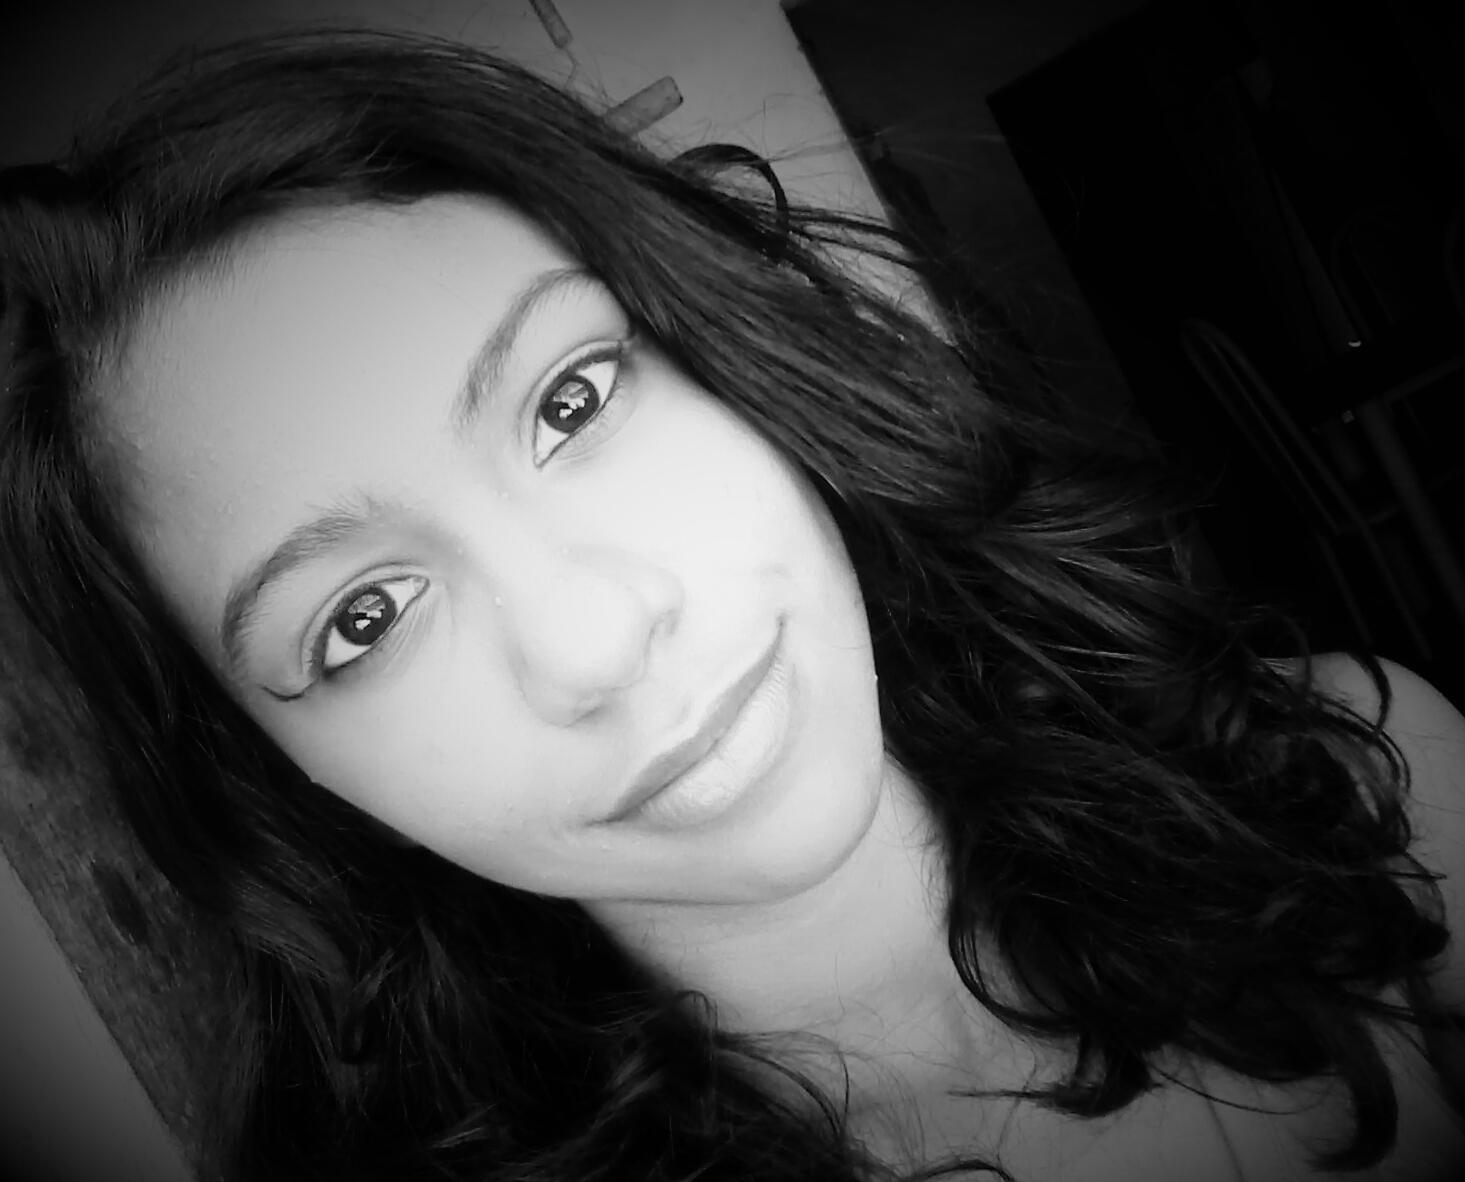 Pra quem não me conhece, essa sou eu! :) http://t.co/ptjKe9MV